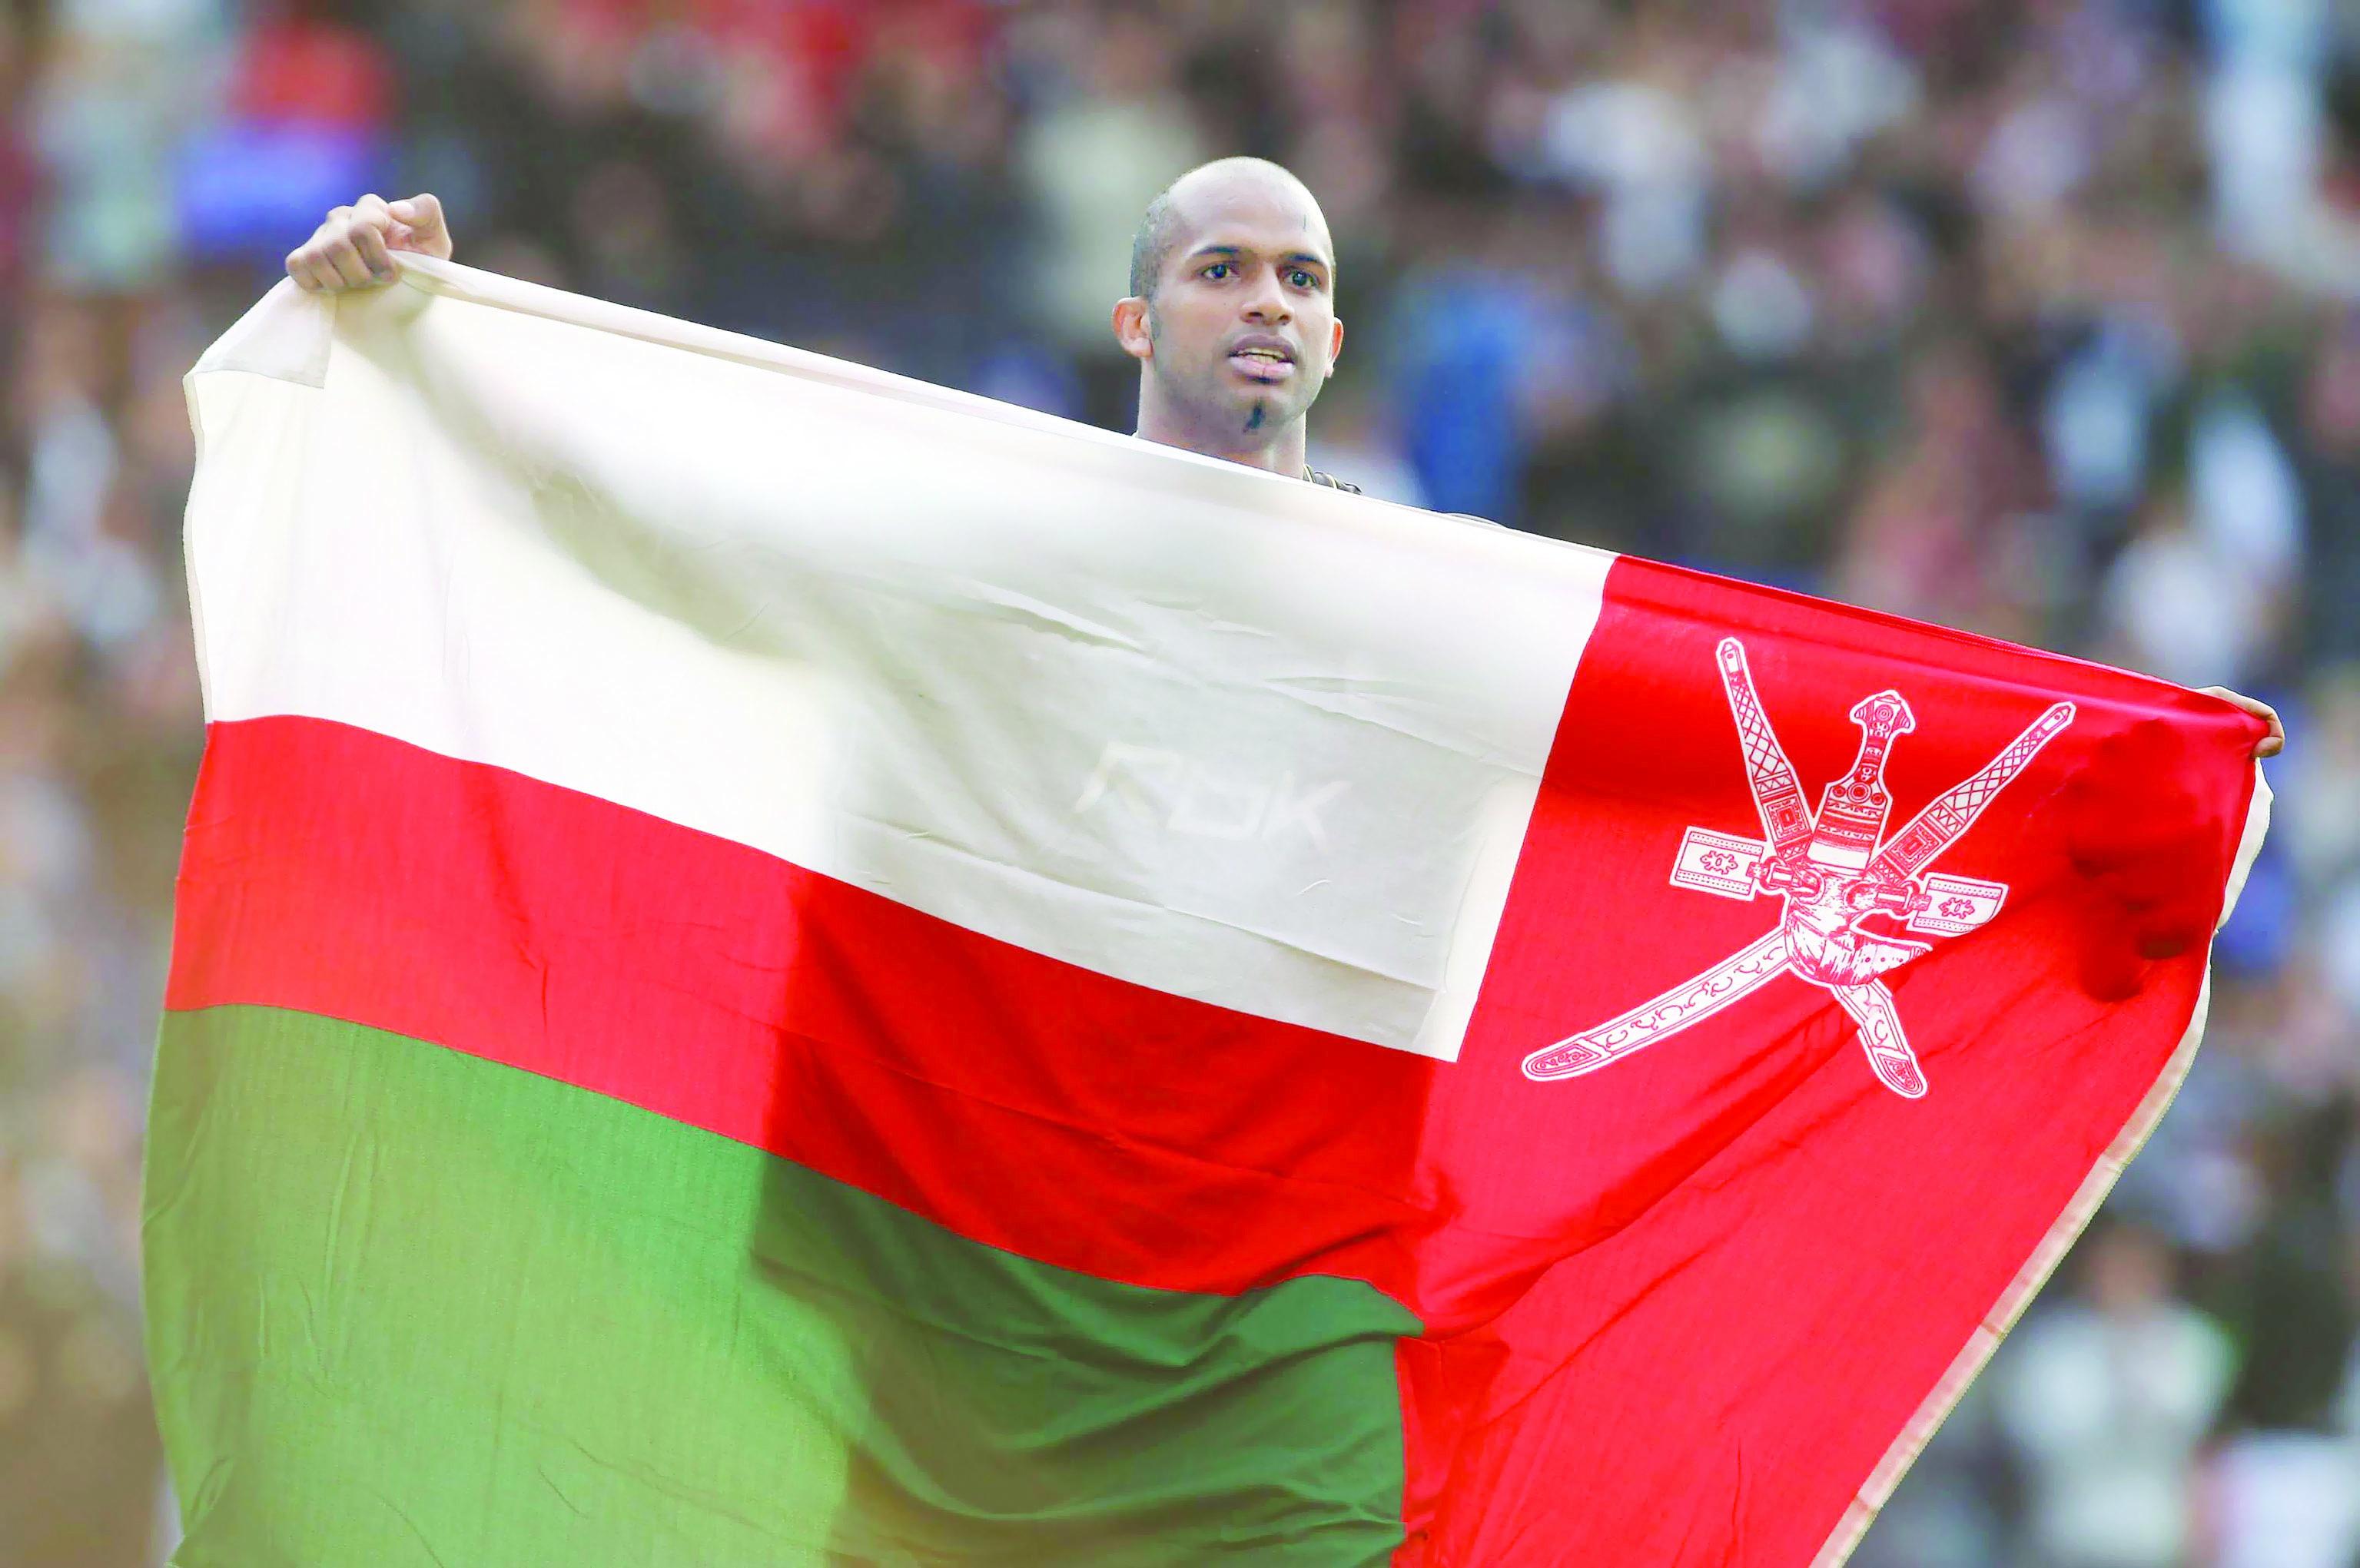 تاركا إرثا رياضيـا يفتخر به كل عربيالحبسي يطوي صفحة أوروبا ويبدأ رحلة «استثنائية» بالدوري السعودي